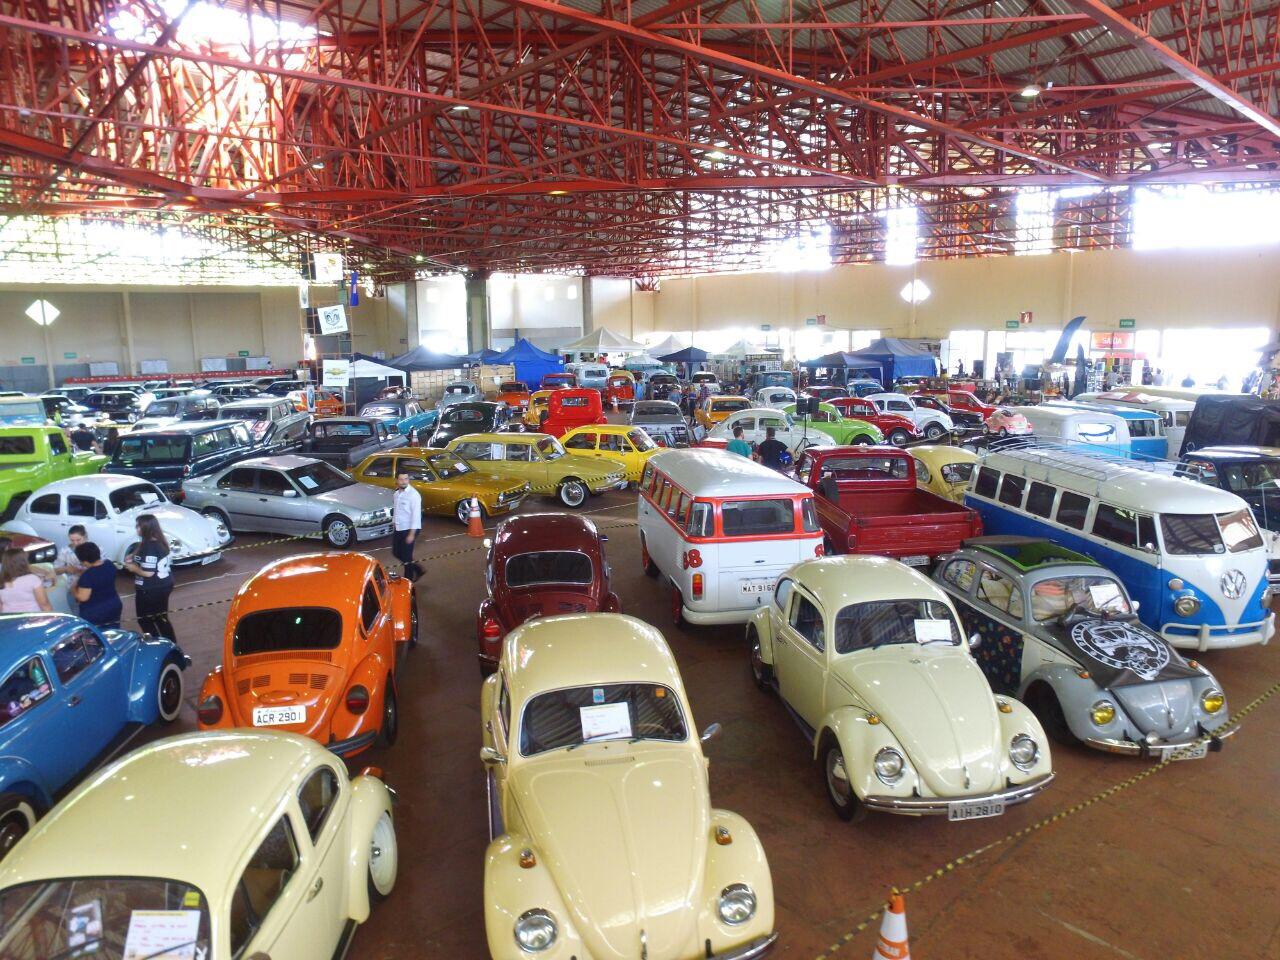 7º Encontro de Carros Antigos Franci